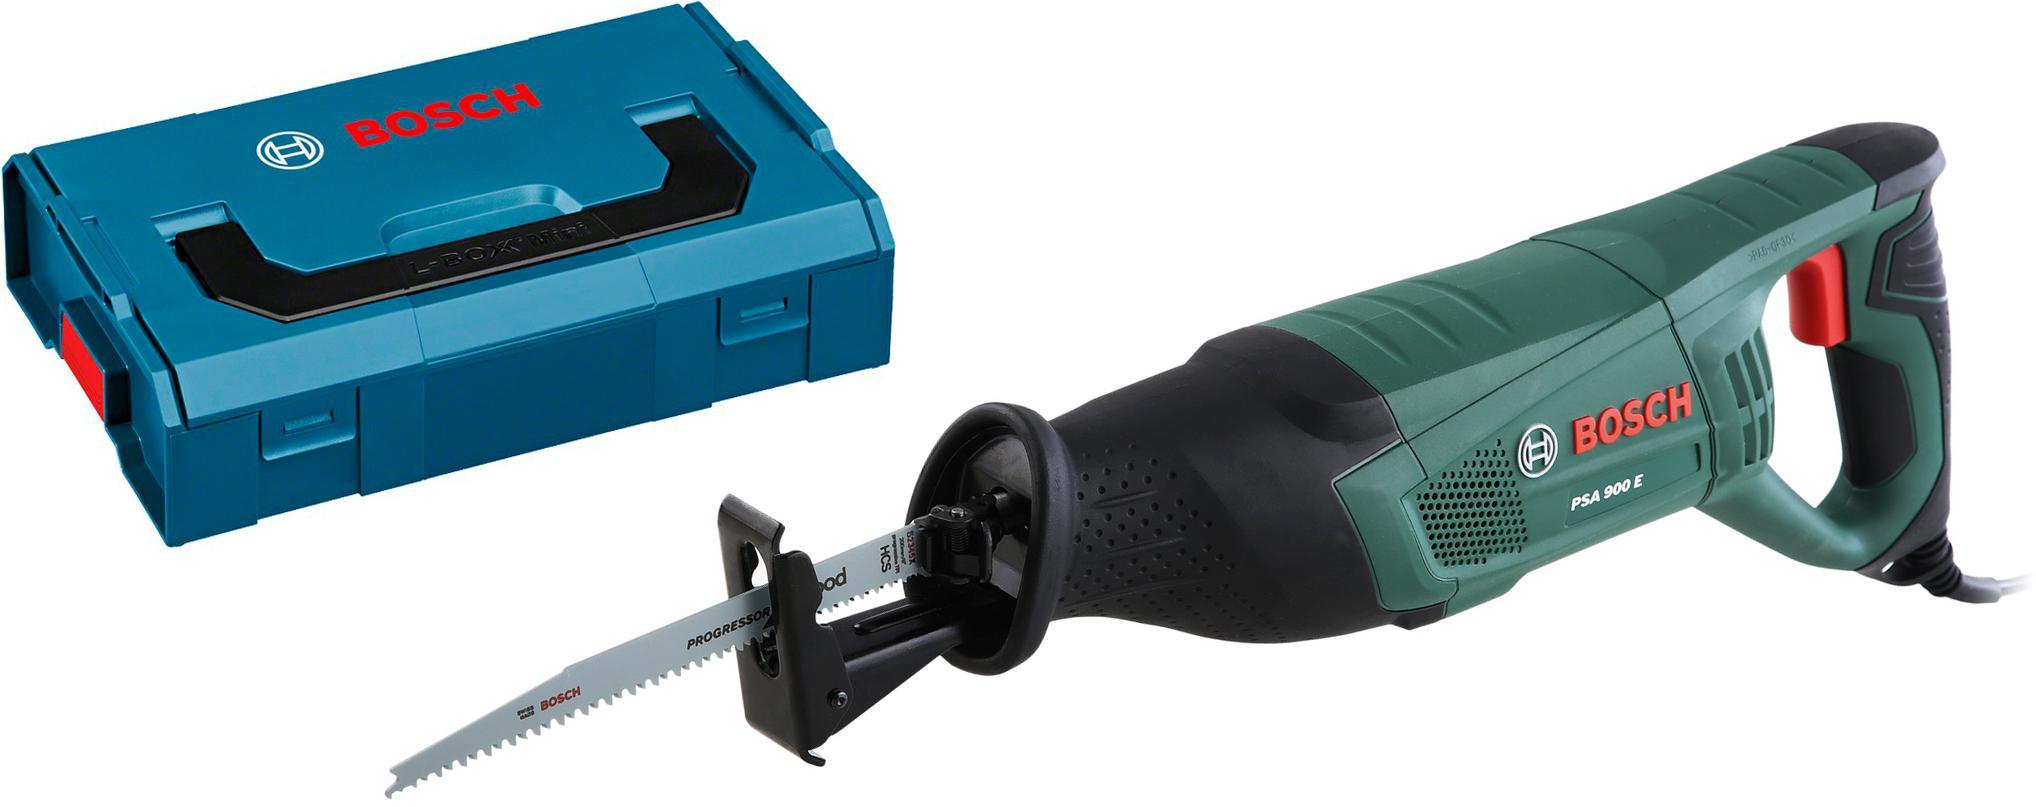 Набор Bosch Ножовка psa 900 e (0.603.3a6.000) +Ящик l-boxx mini (1.600.a00.7sf) bosch psa 900 e 0 603 3a6 000